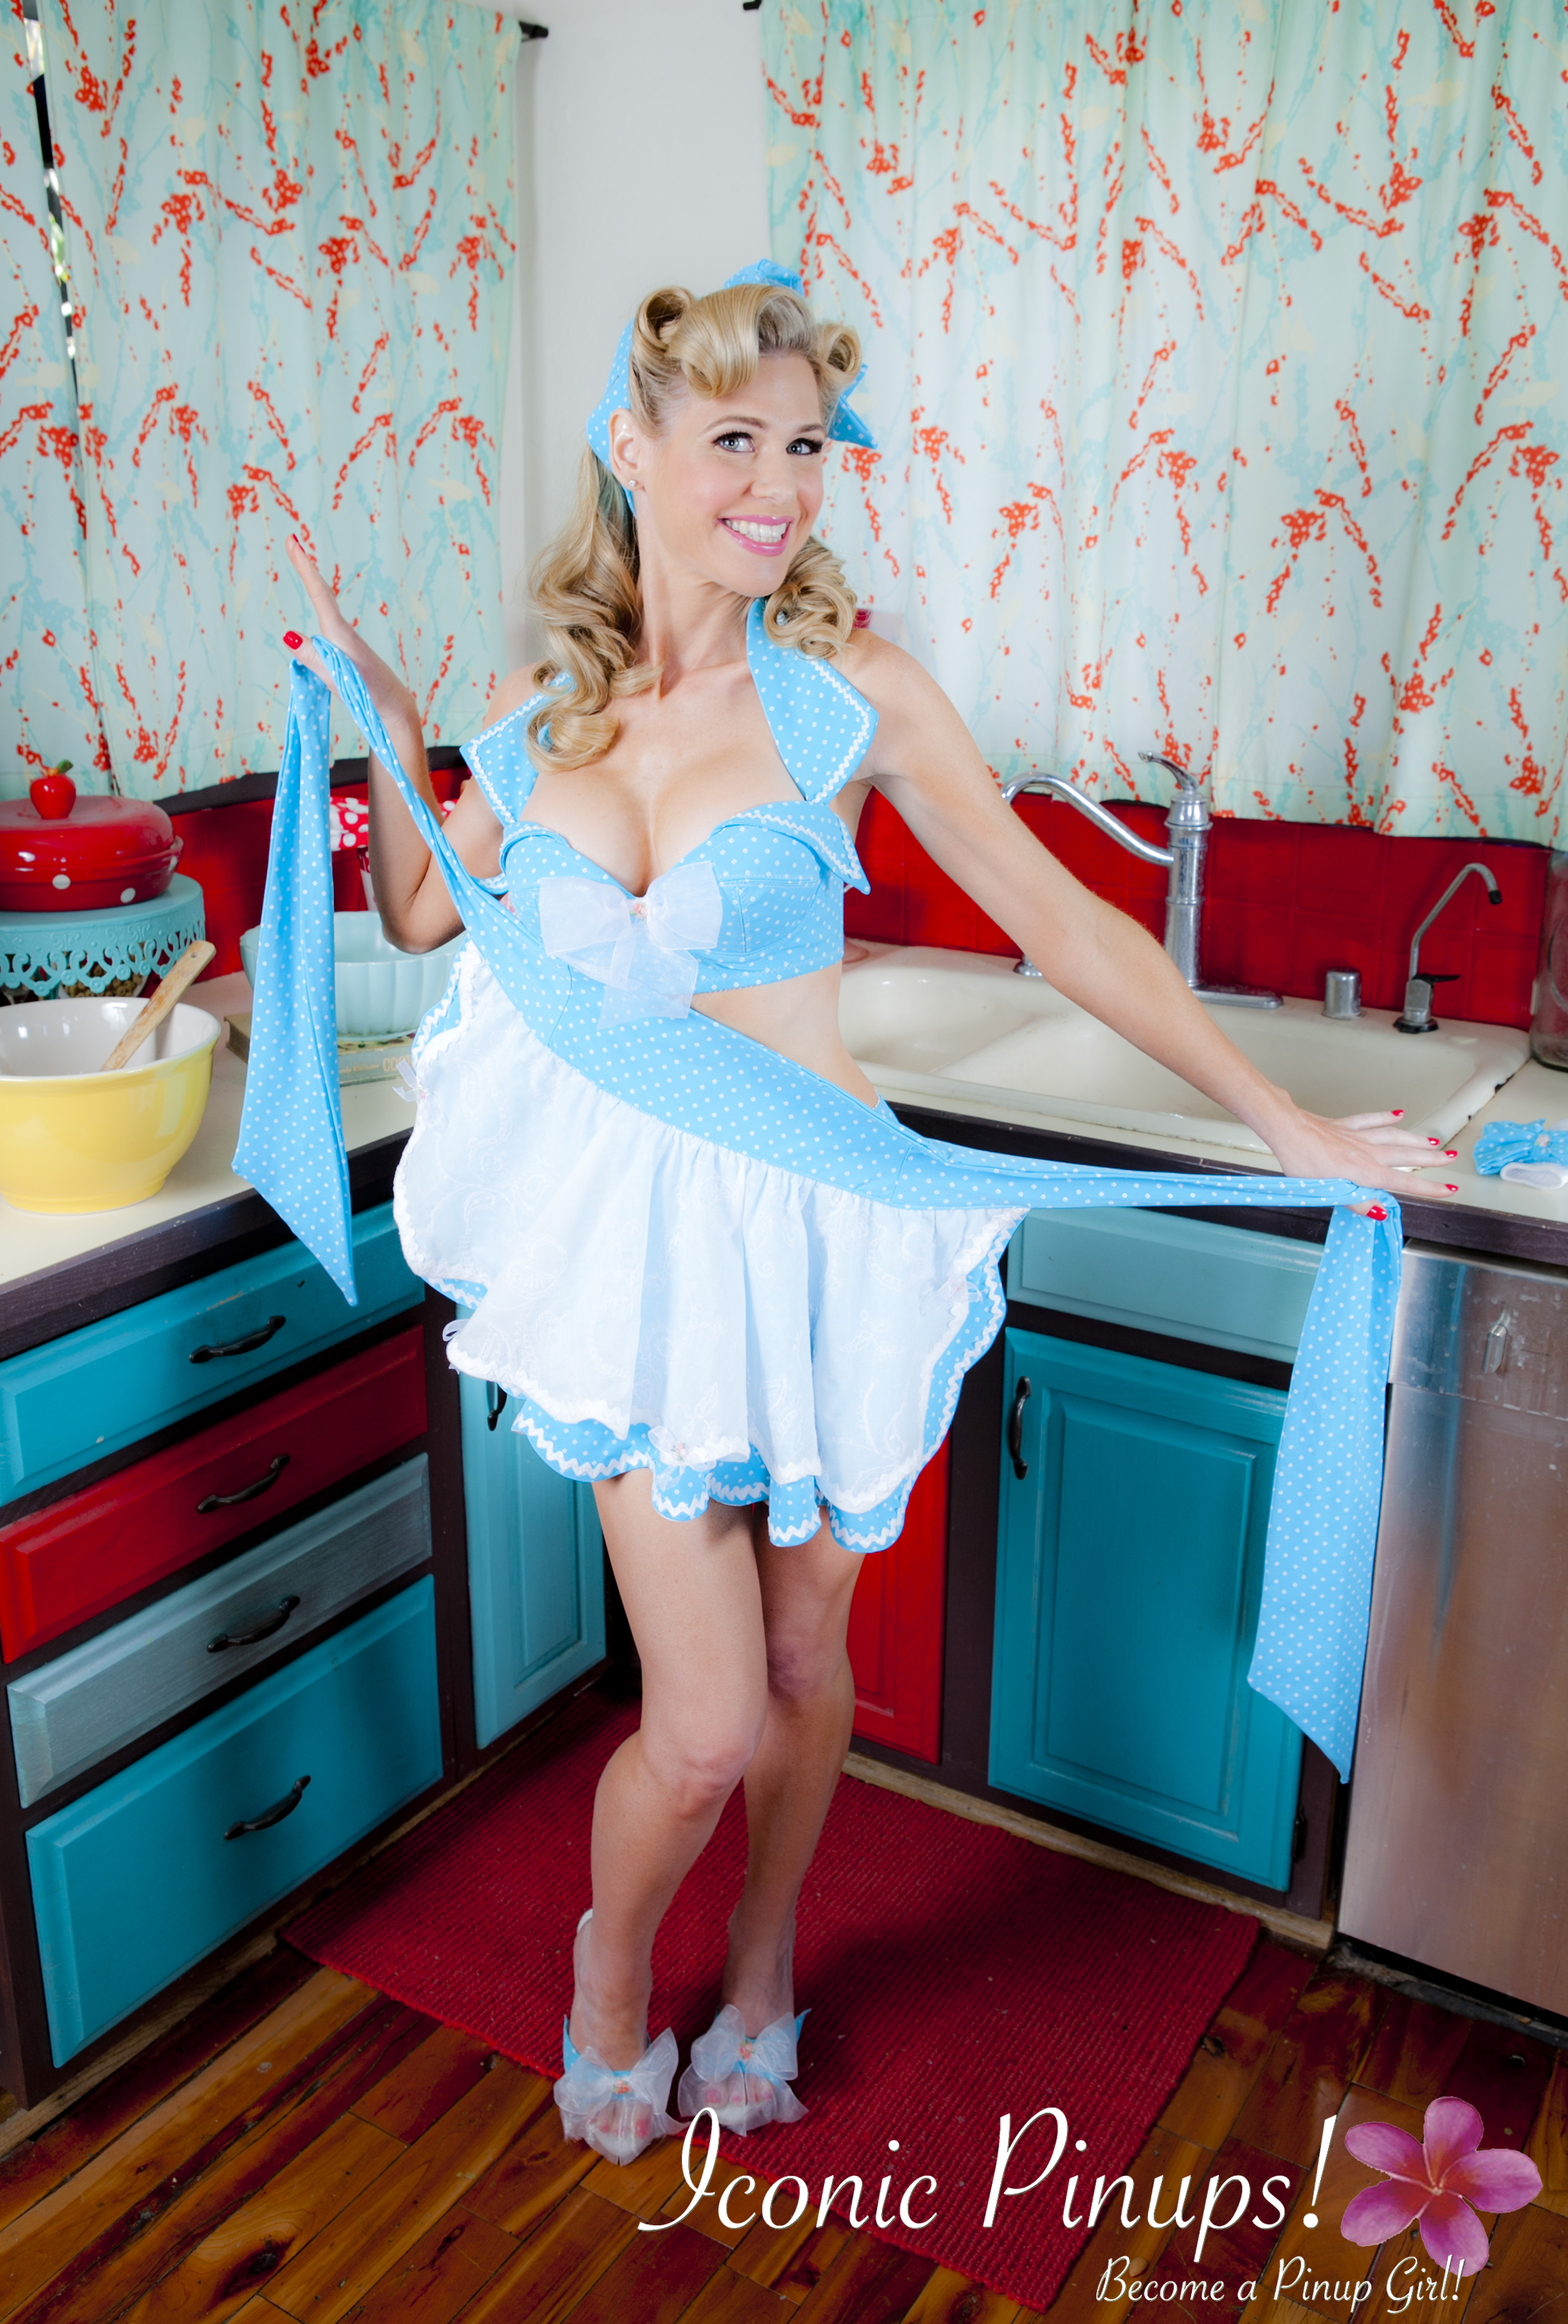 retro kitchen shoot